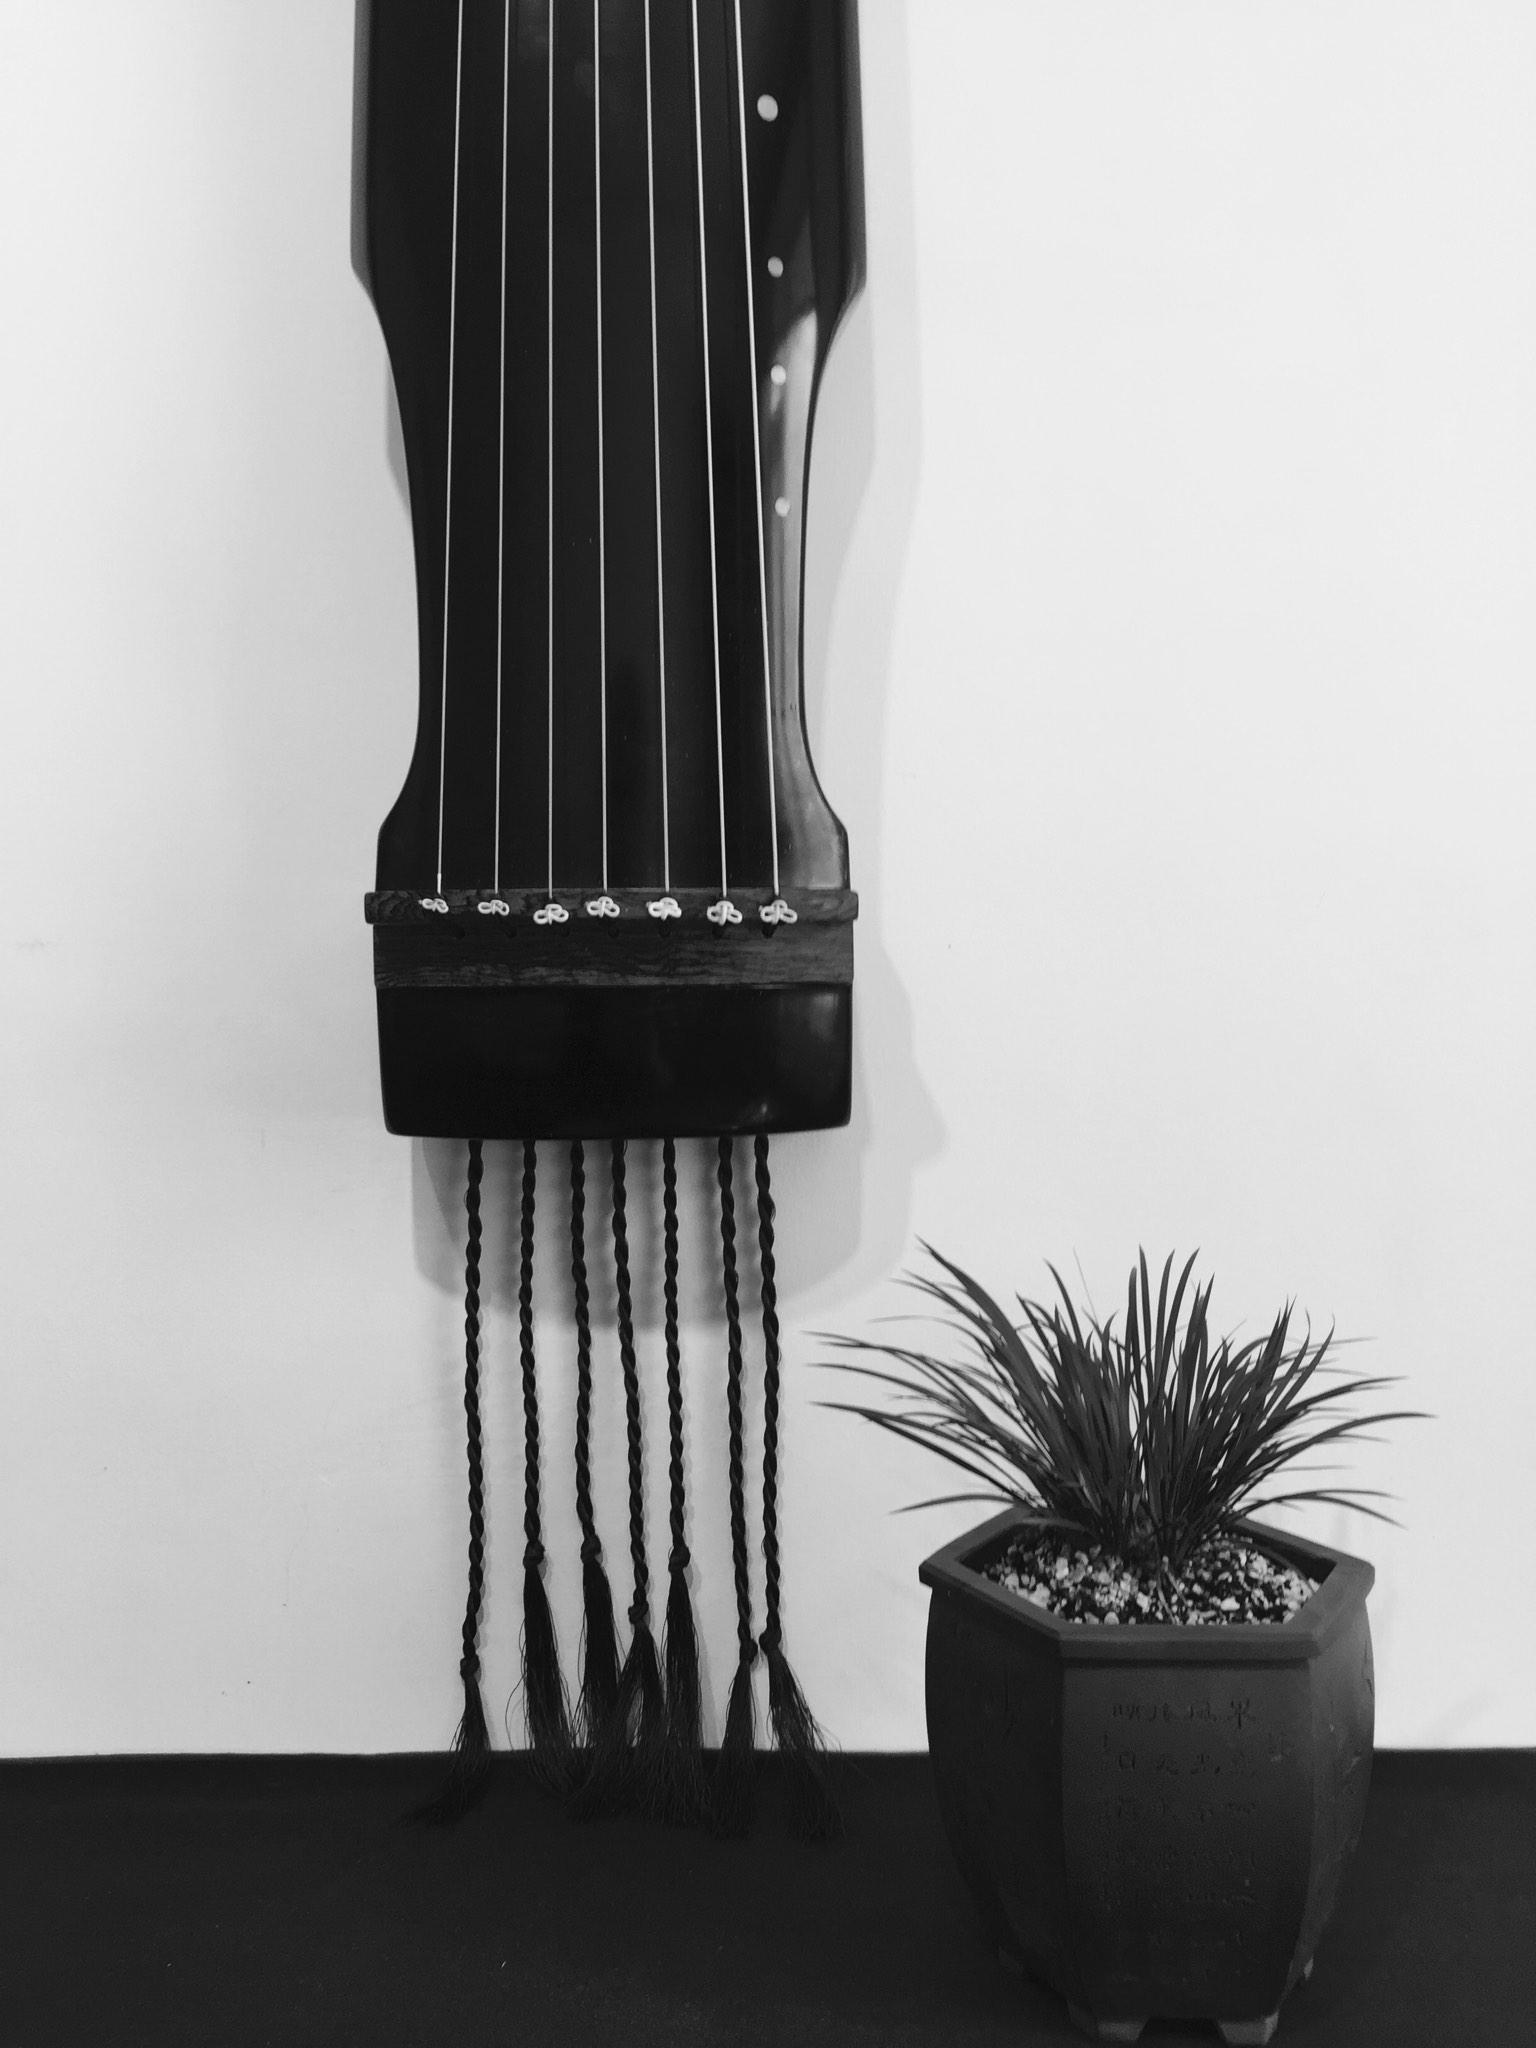 古琴背面结构图